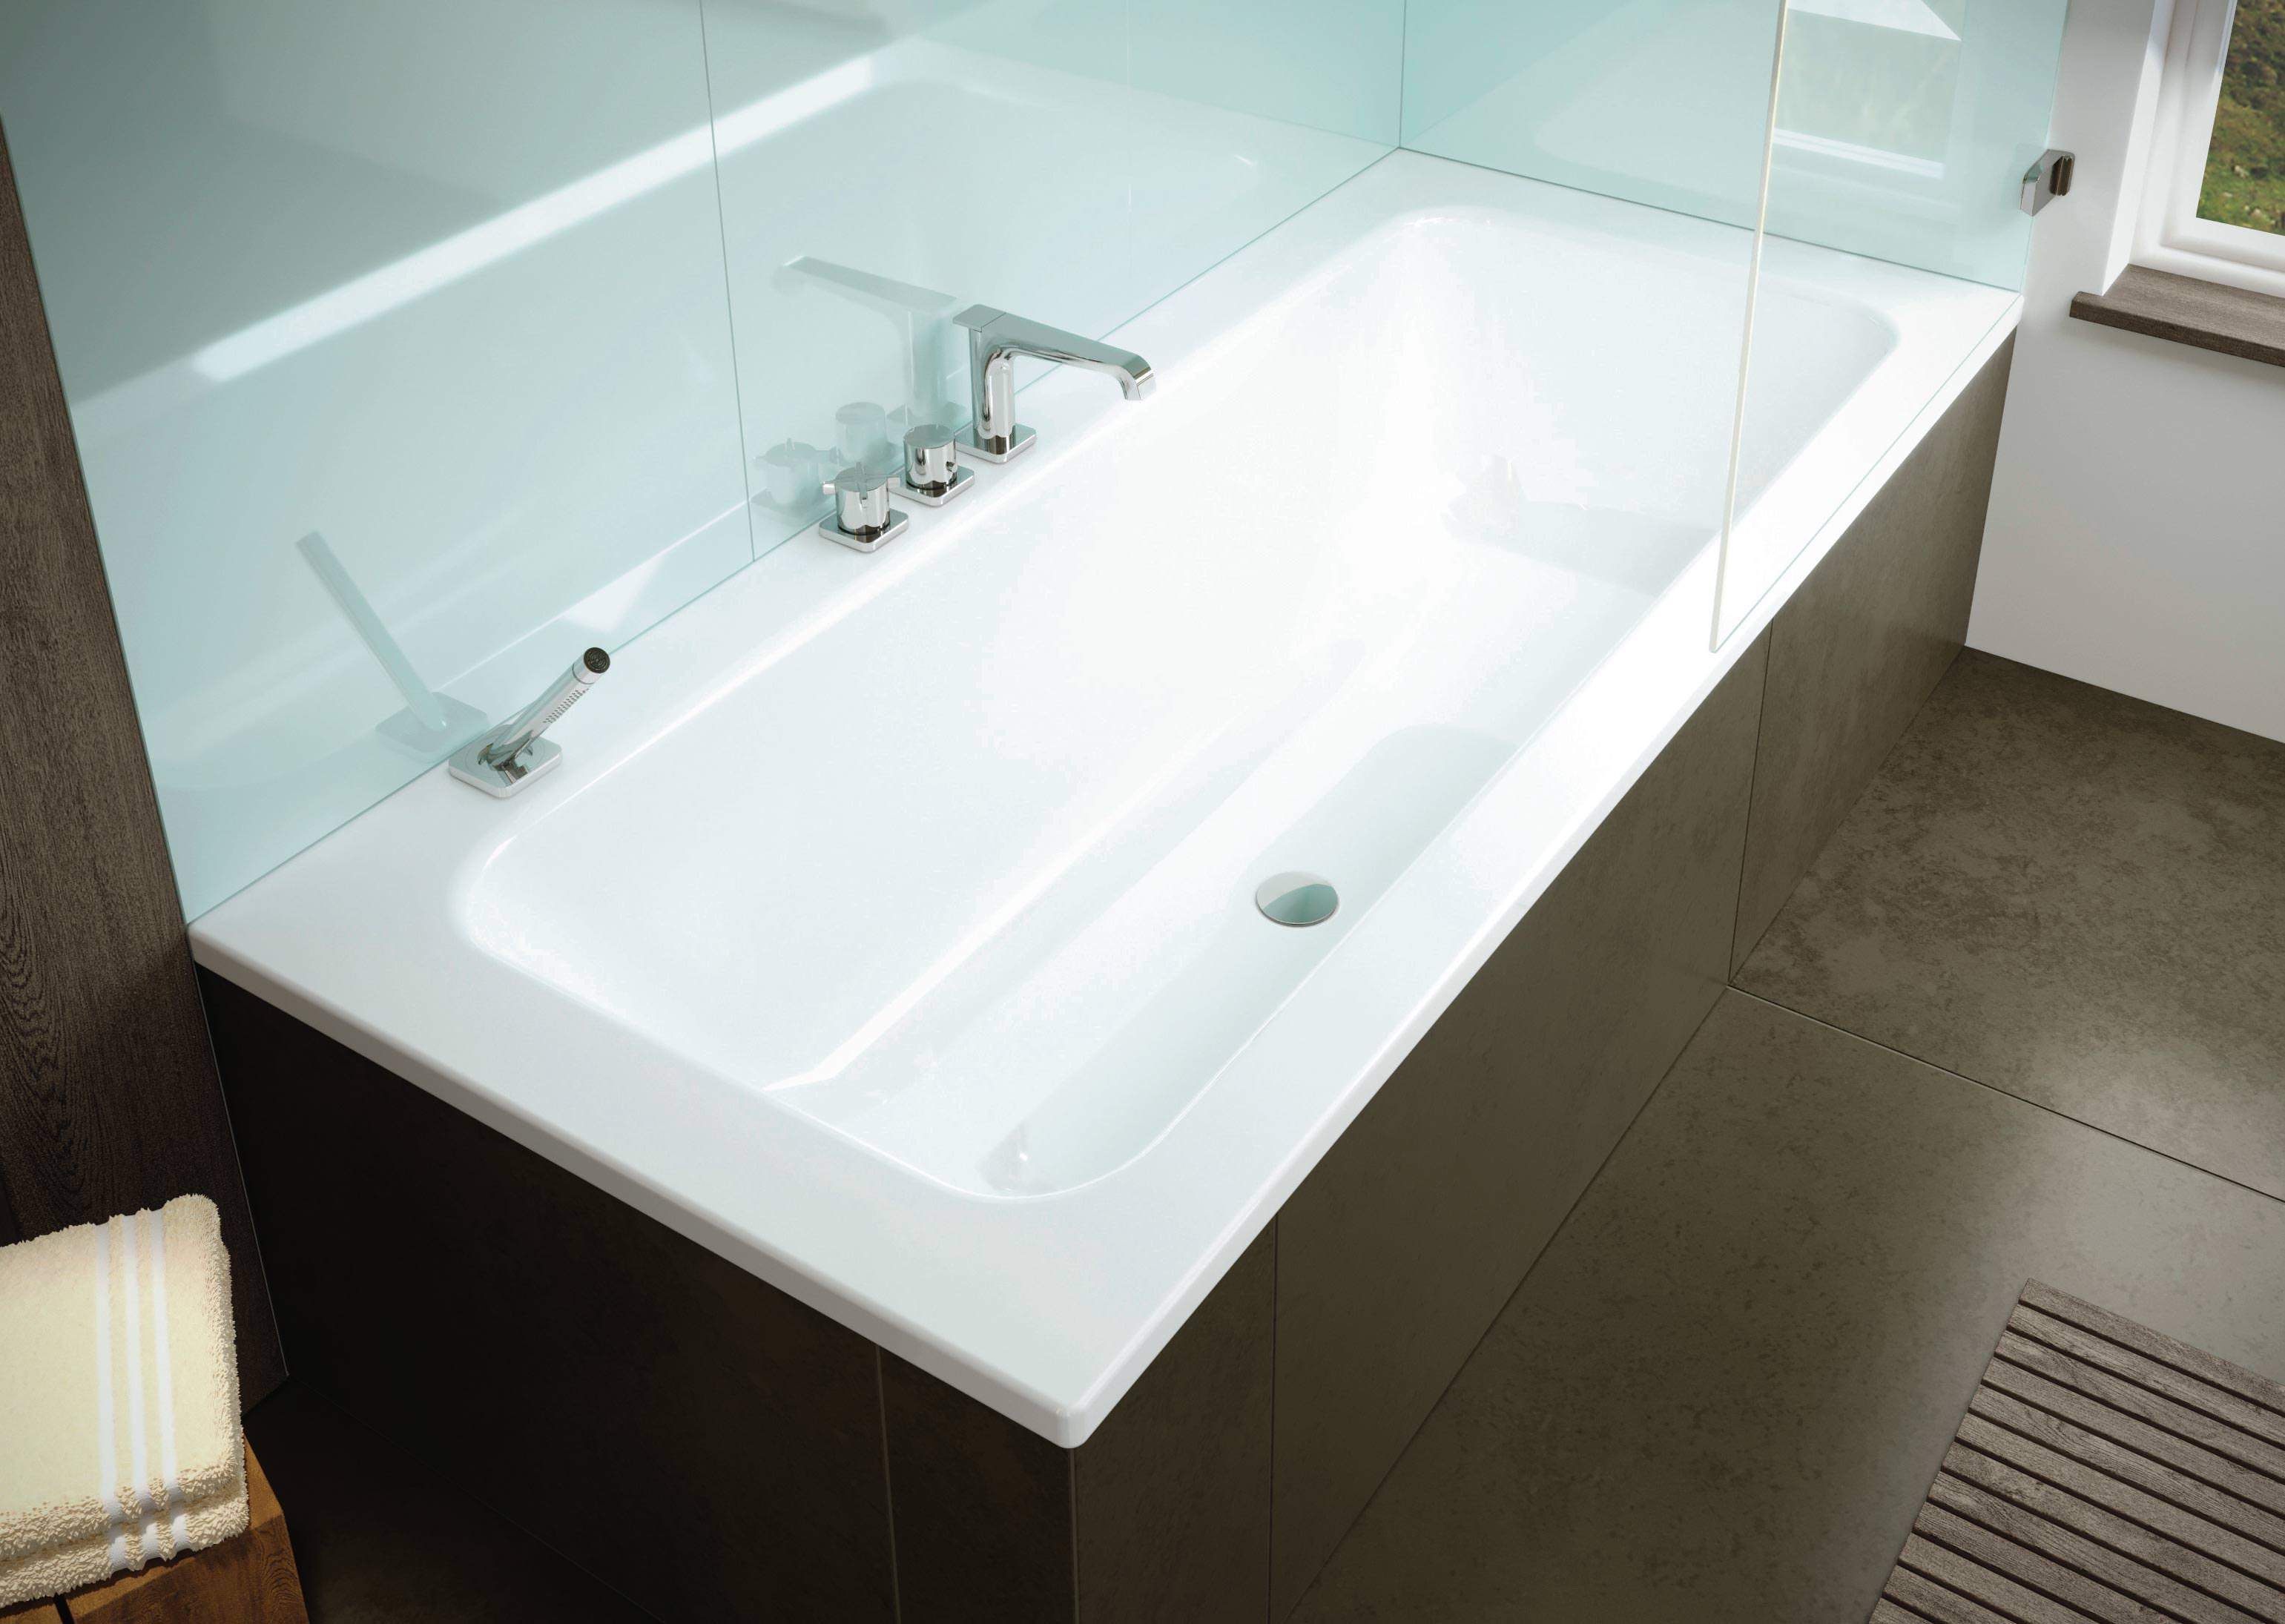 puro set wide kaldeweis erste wanne zum baden und duschen. Black Bedroom Furniture Sets. Home Design Ideas